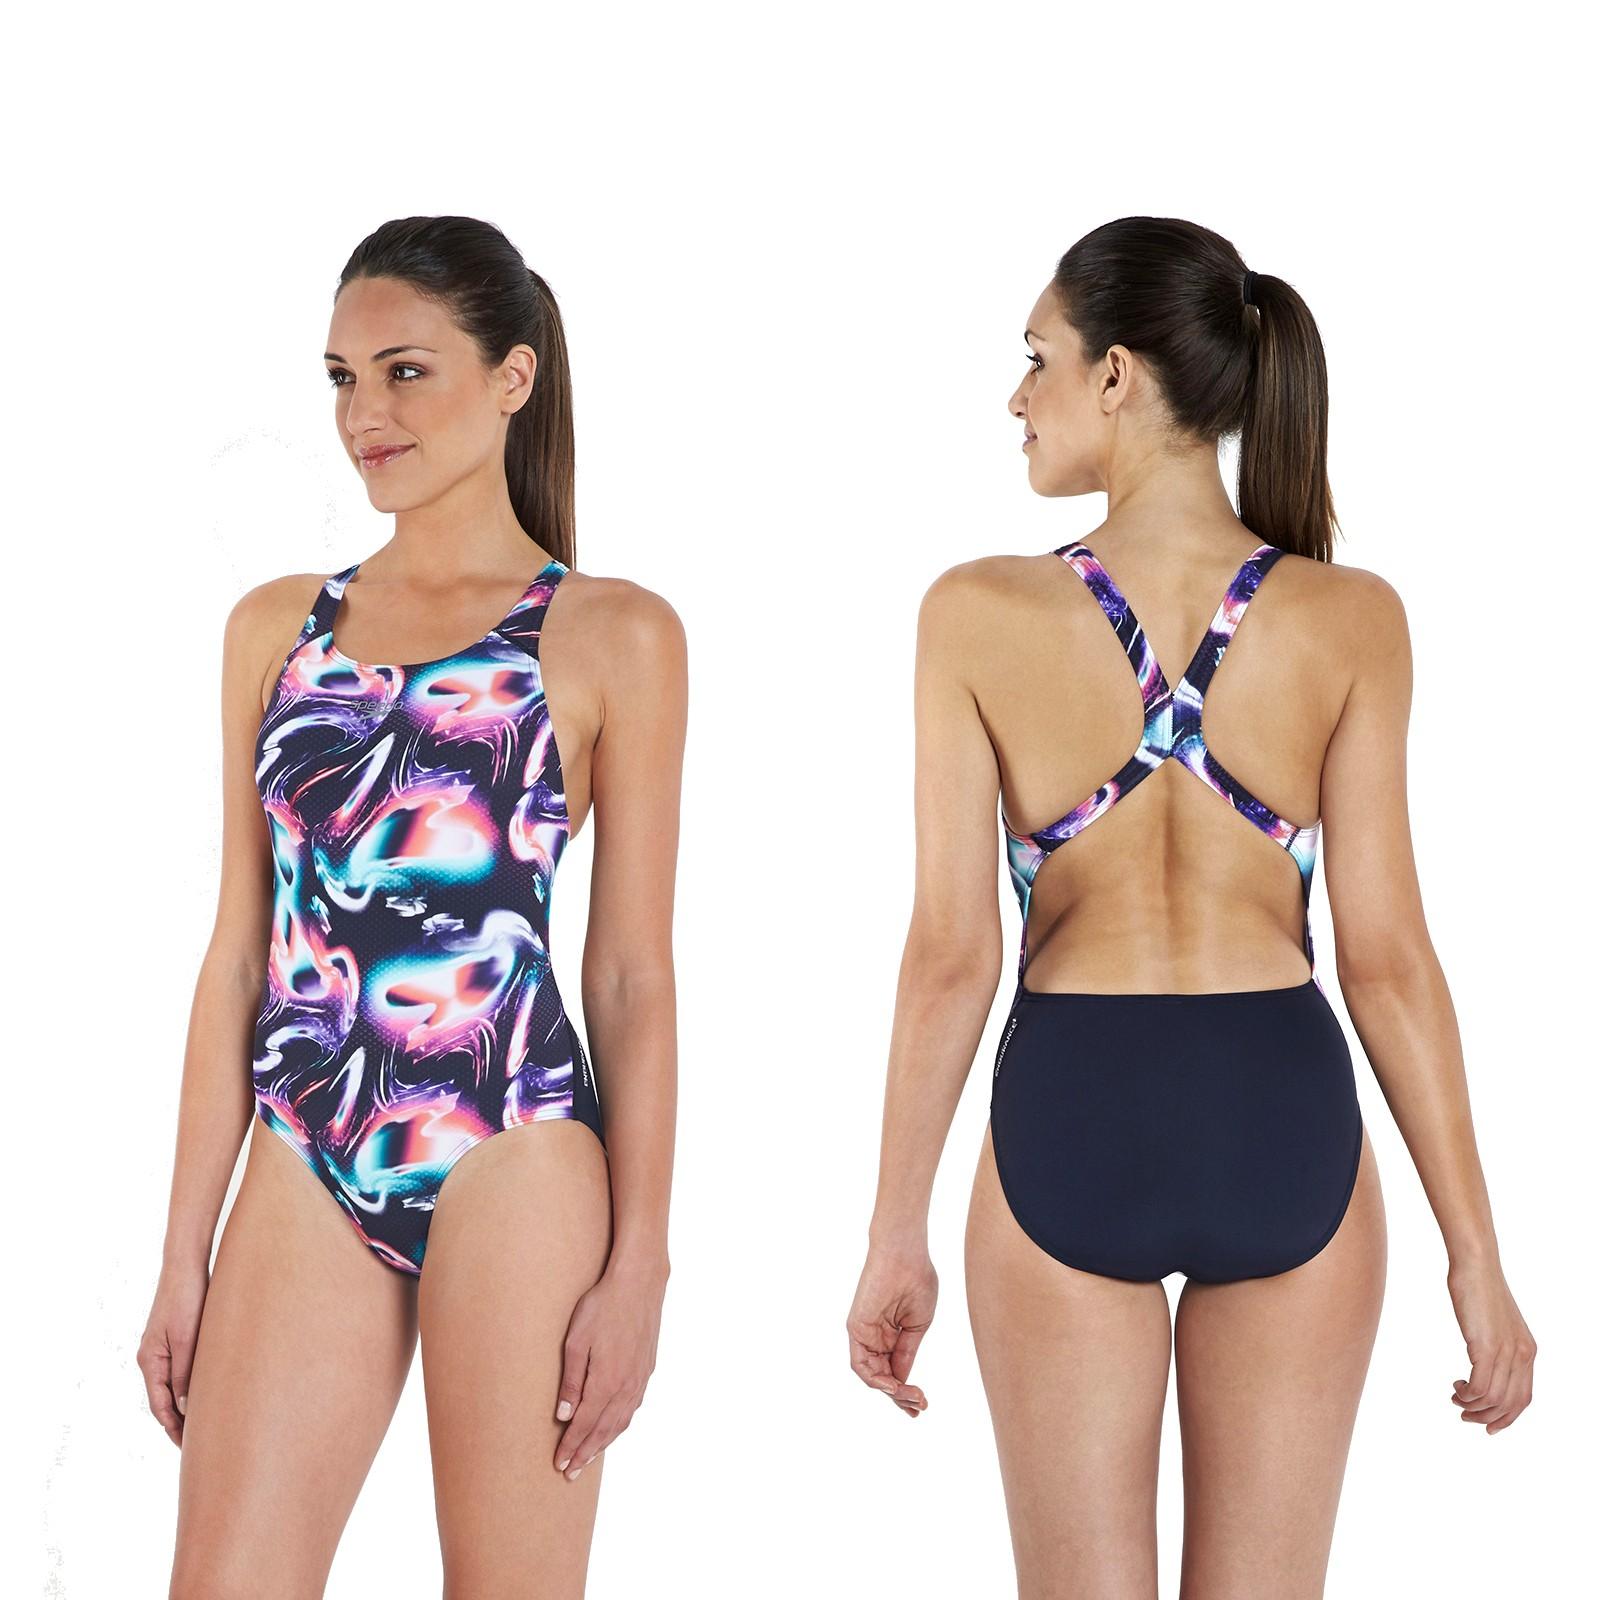 speedo schwimmanzug damen unterfüttert